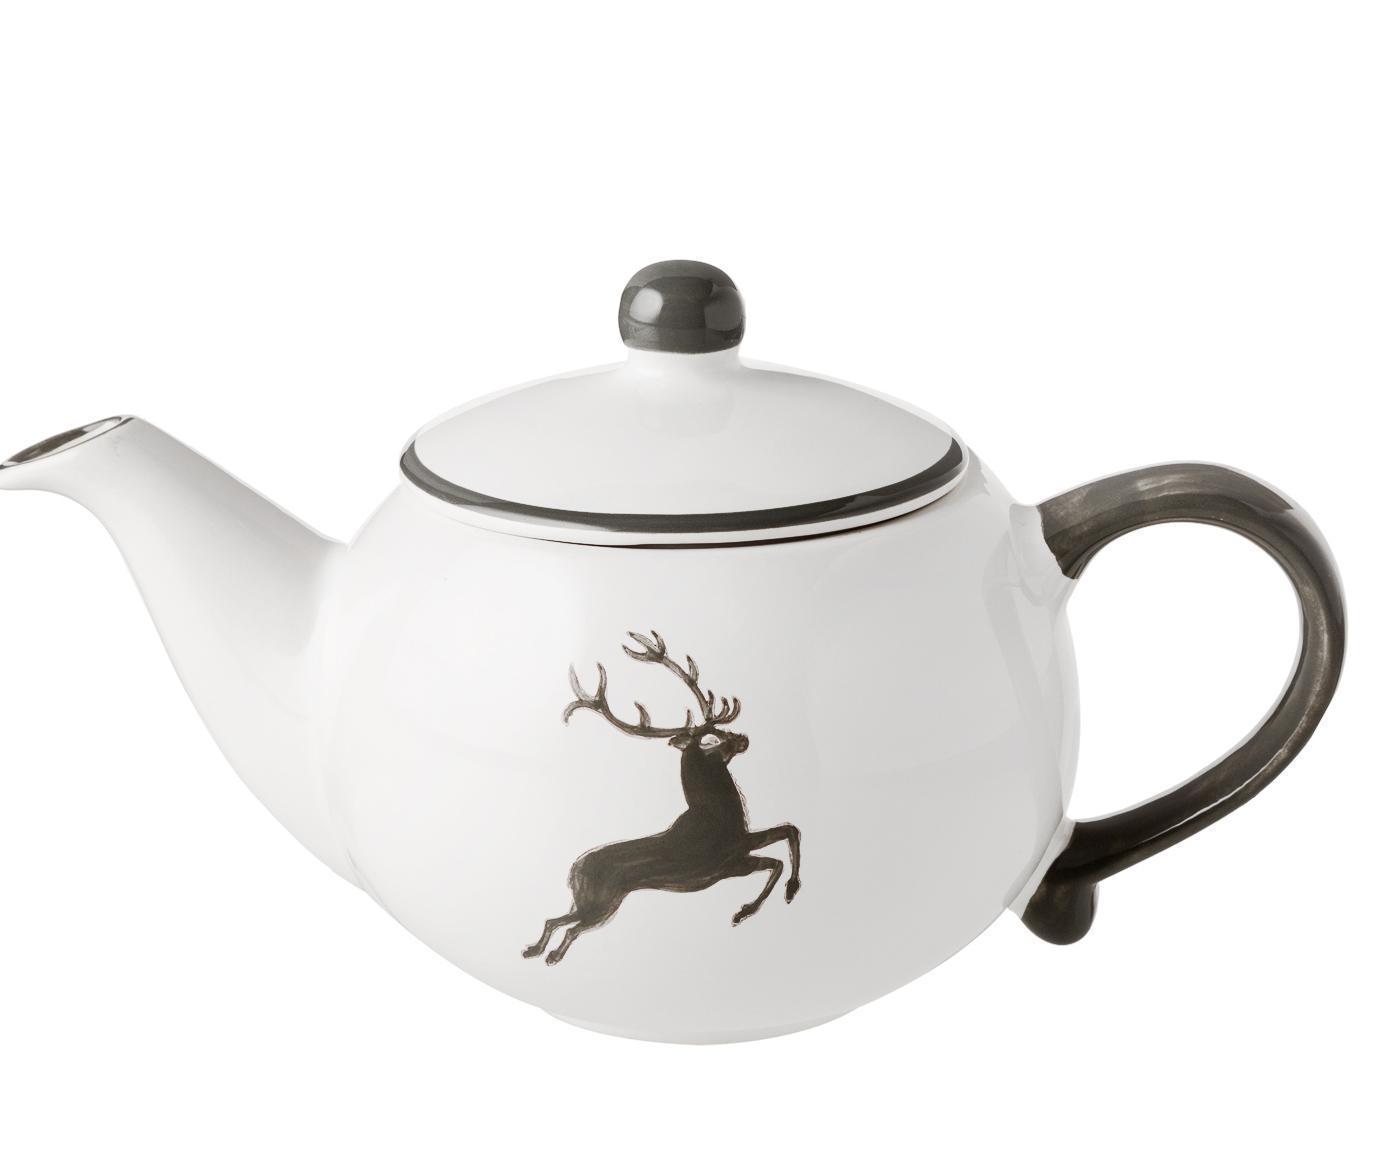 Czajnik Classic Grauer Hirsch, Ceramika, Szary, biały, 500 ml